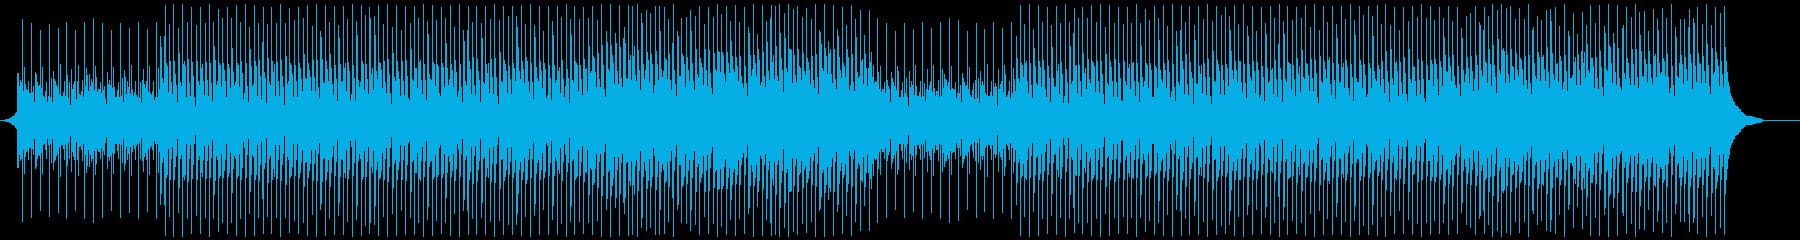 企業VPに!穏やかわくわくピアノメインの再生済みの波形